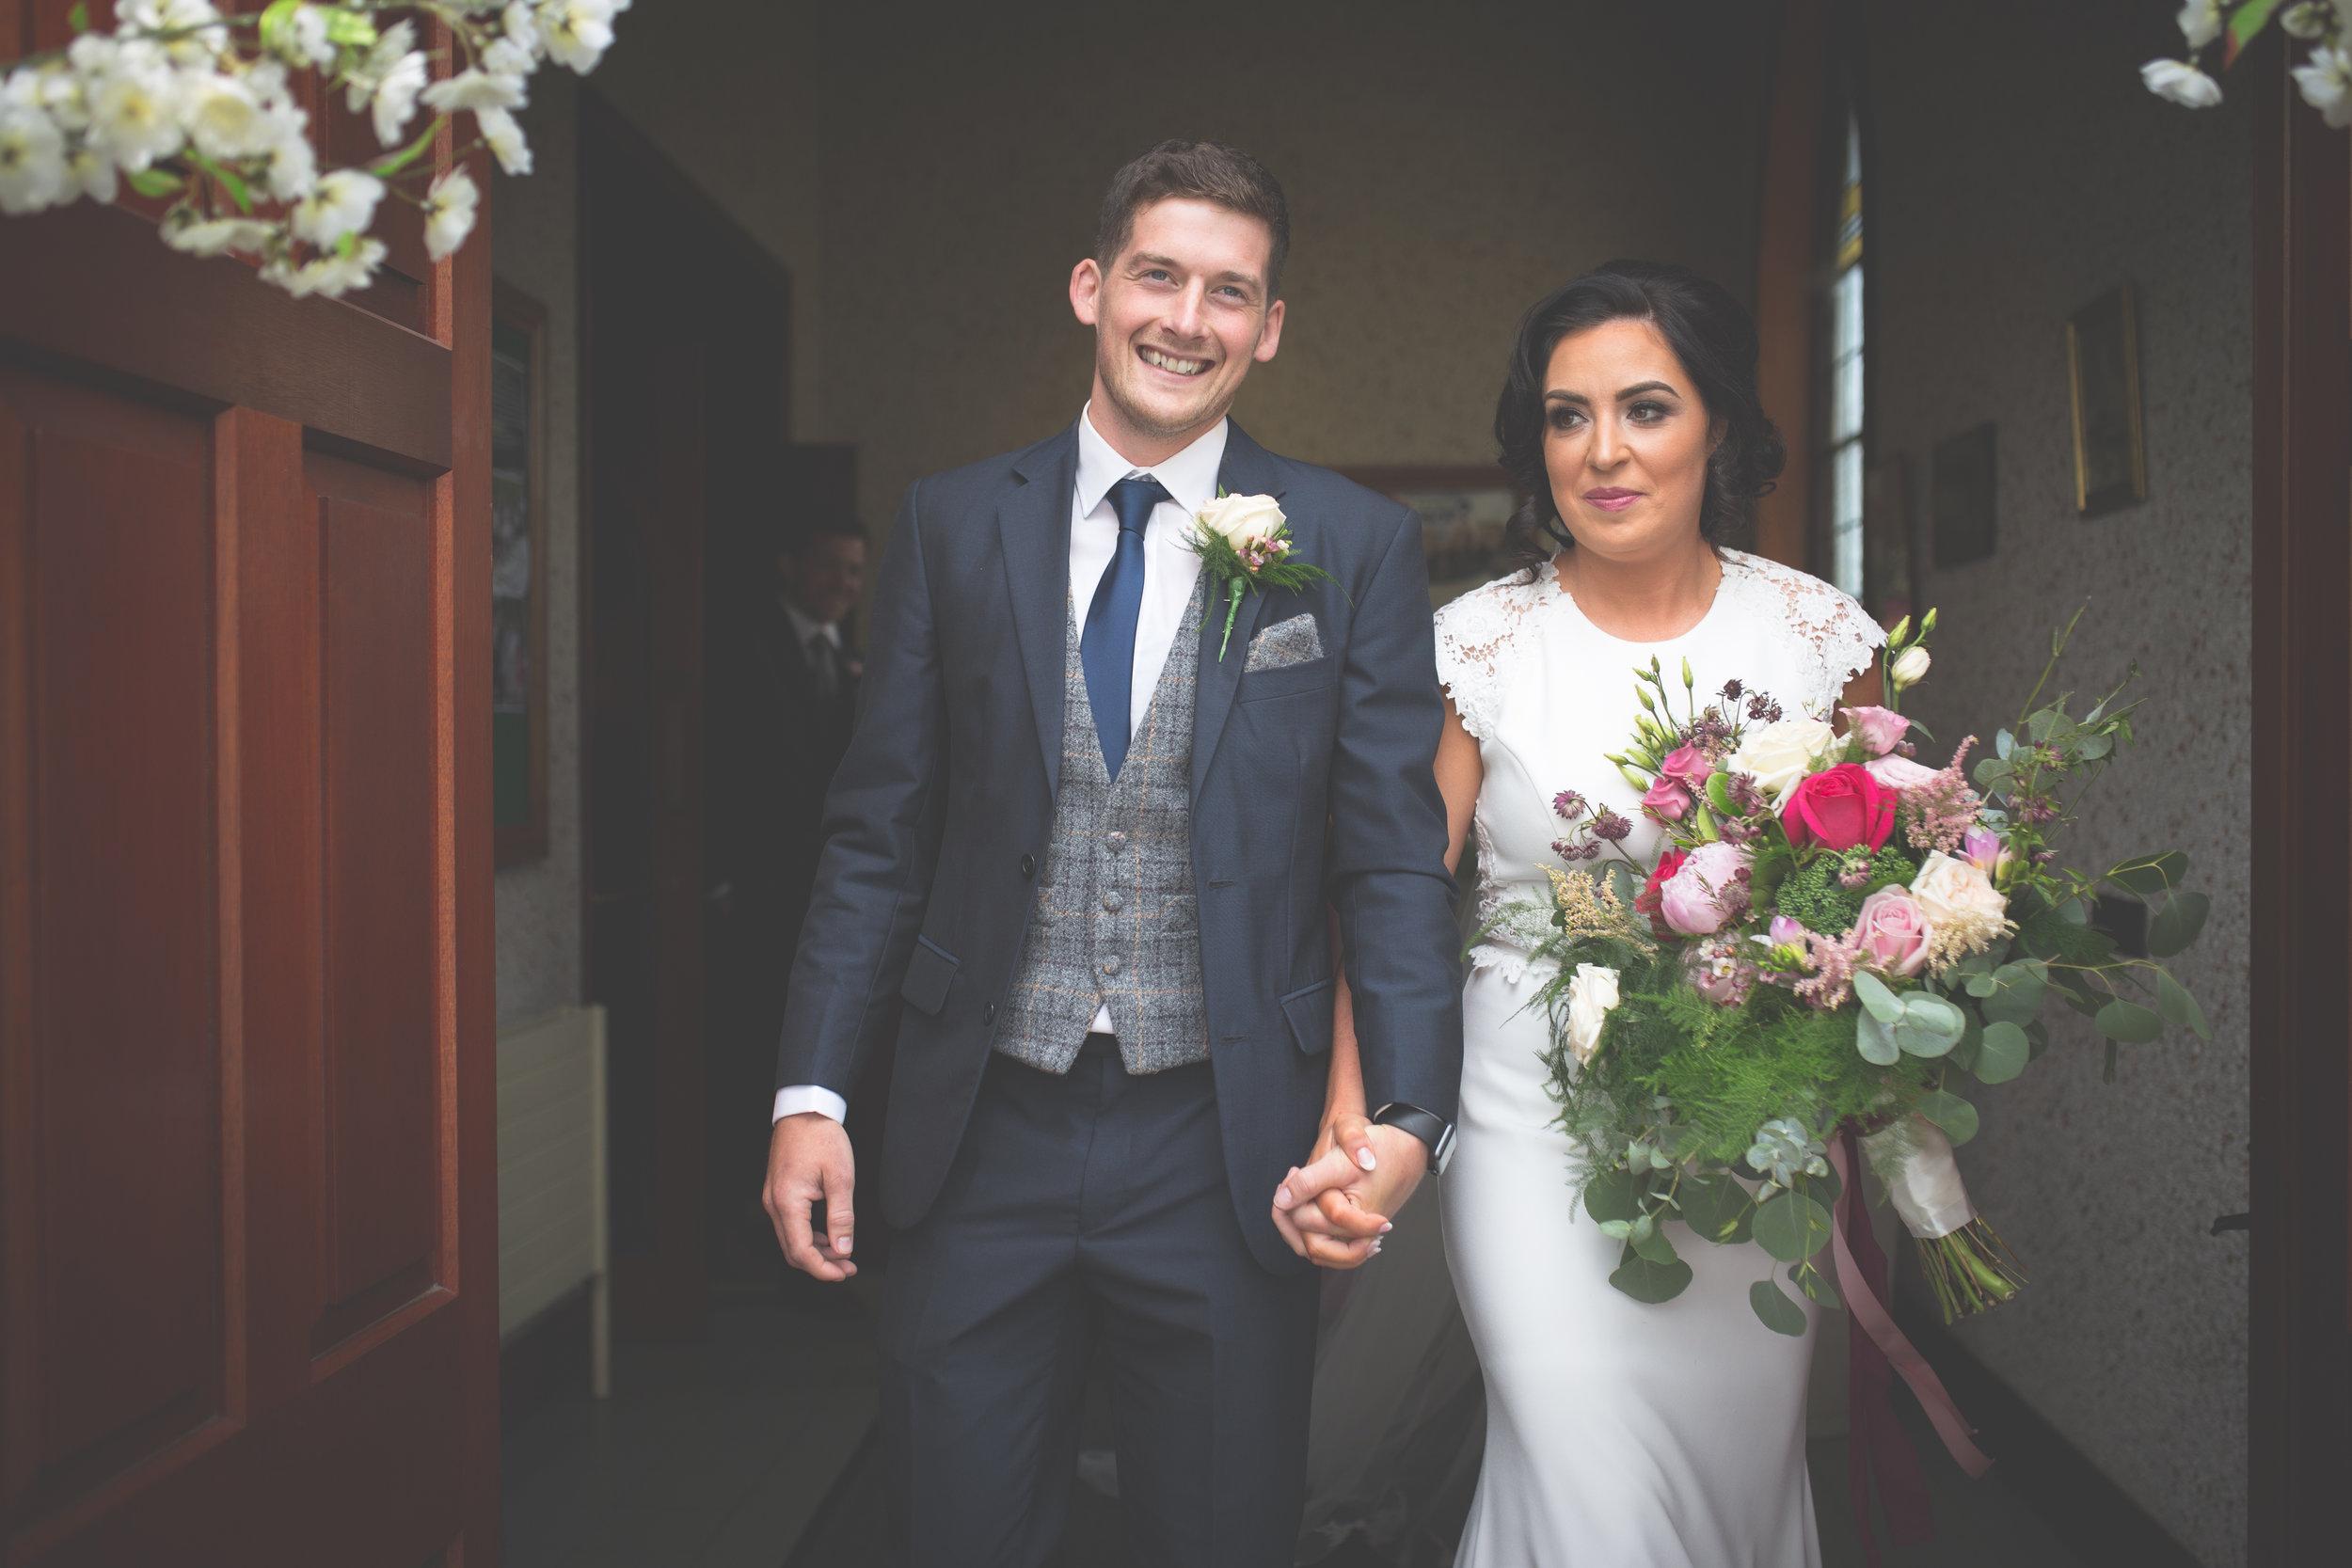 Brian McEwan Wedding Photography   Carol-Anne & Sean   The Ceremony-80.jpg